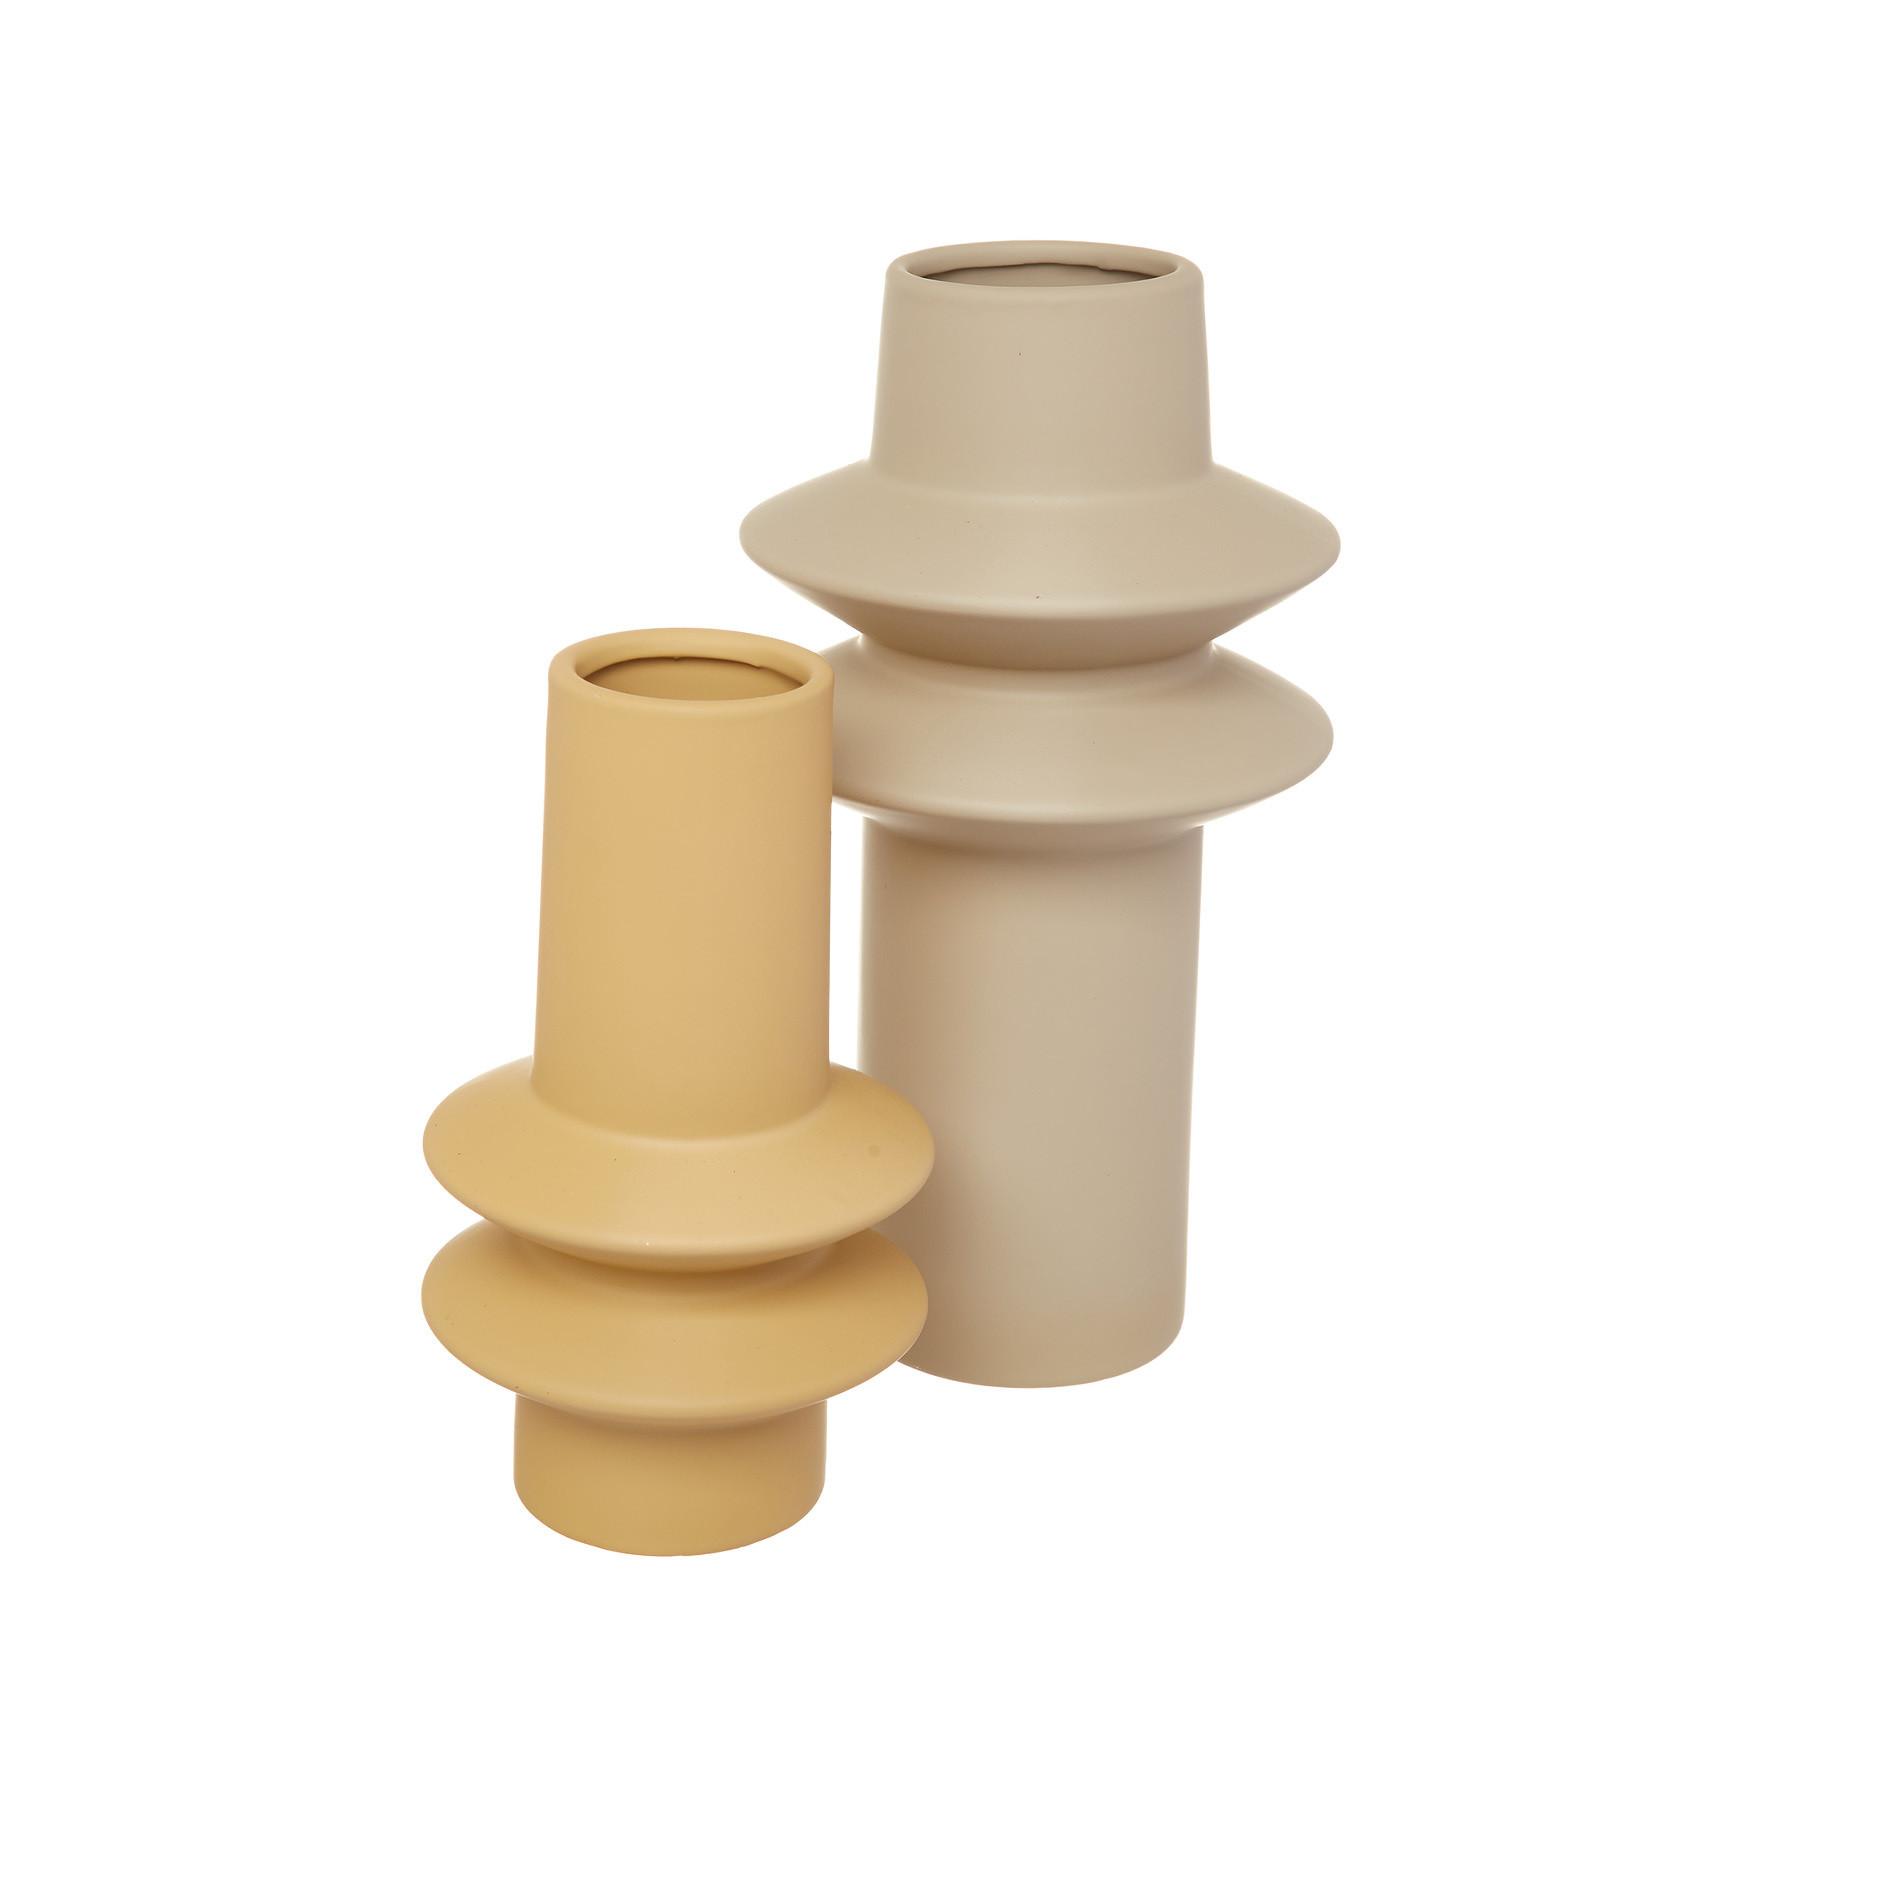 Vaso ceramica con anelli, Giallo ocra, large image number 2